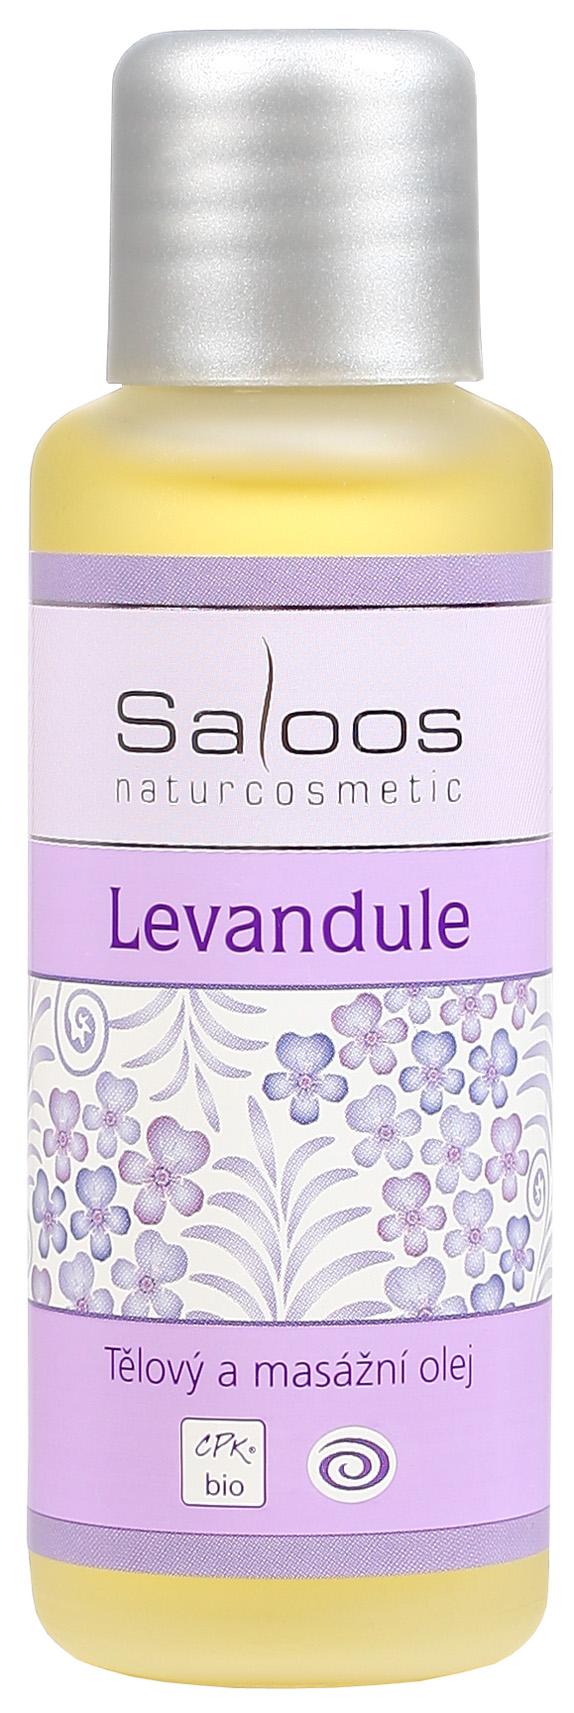 Saloos Bio Levandule - tělový a masážní olej 50ml